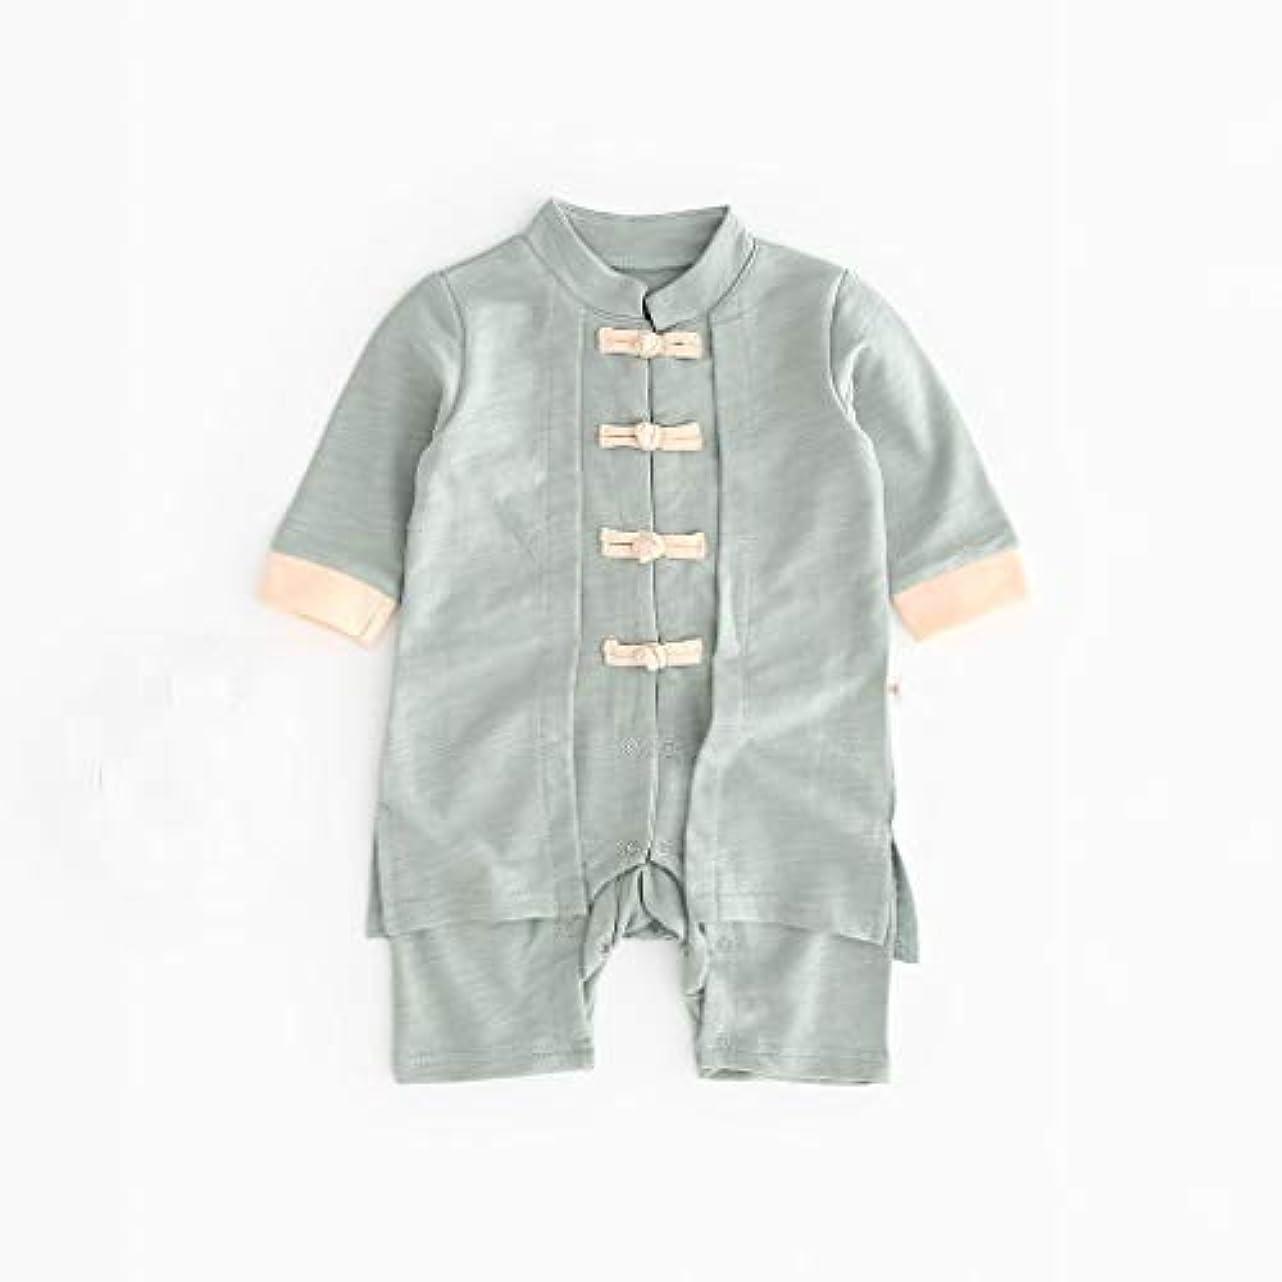 流体眠るポルティコかわいいボタン漢風生まれたばかりの赤ちゃん男の子女の子ボタン固体ロンパースジャンプスーツ着物服パジャマ女の子男の子レターストライプ長袖コットンロンパースジャンプスーツ